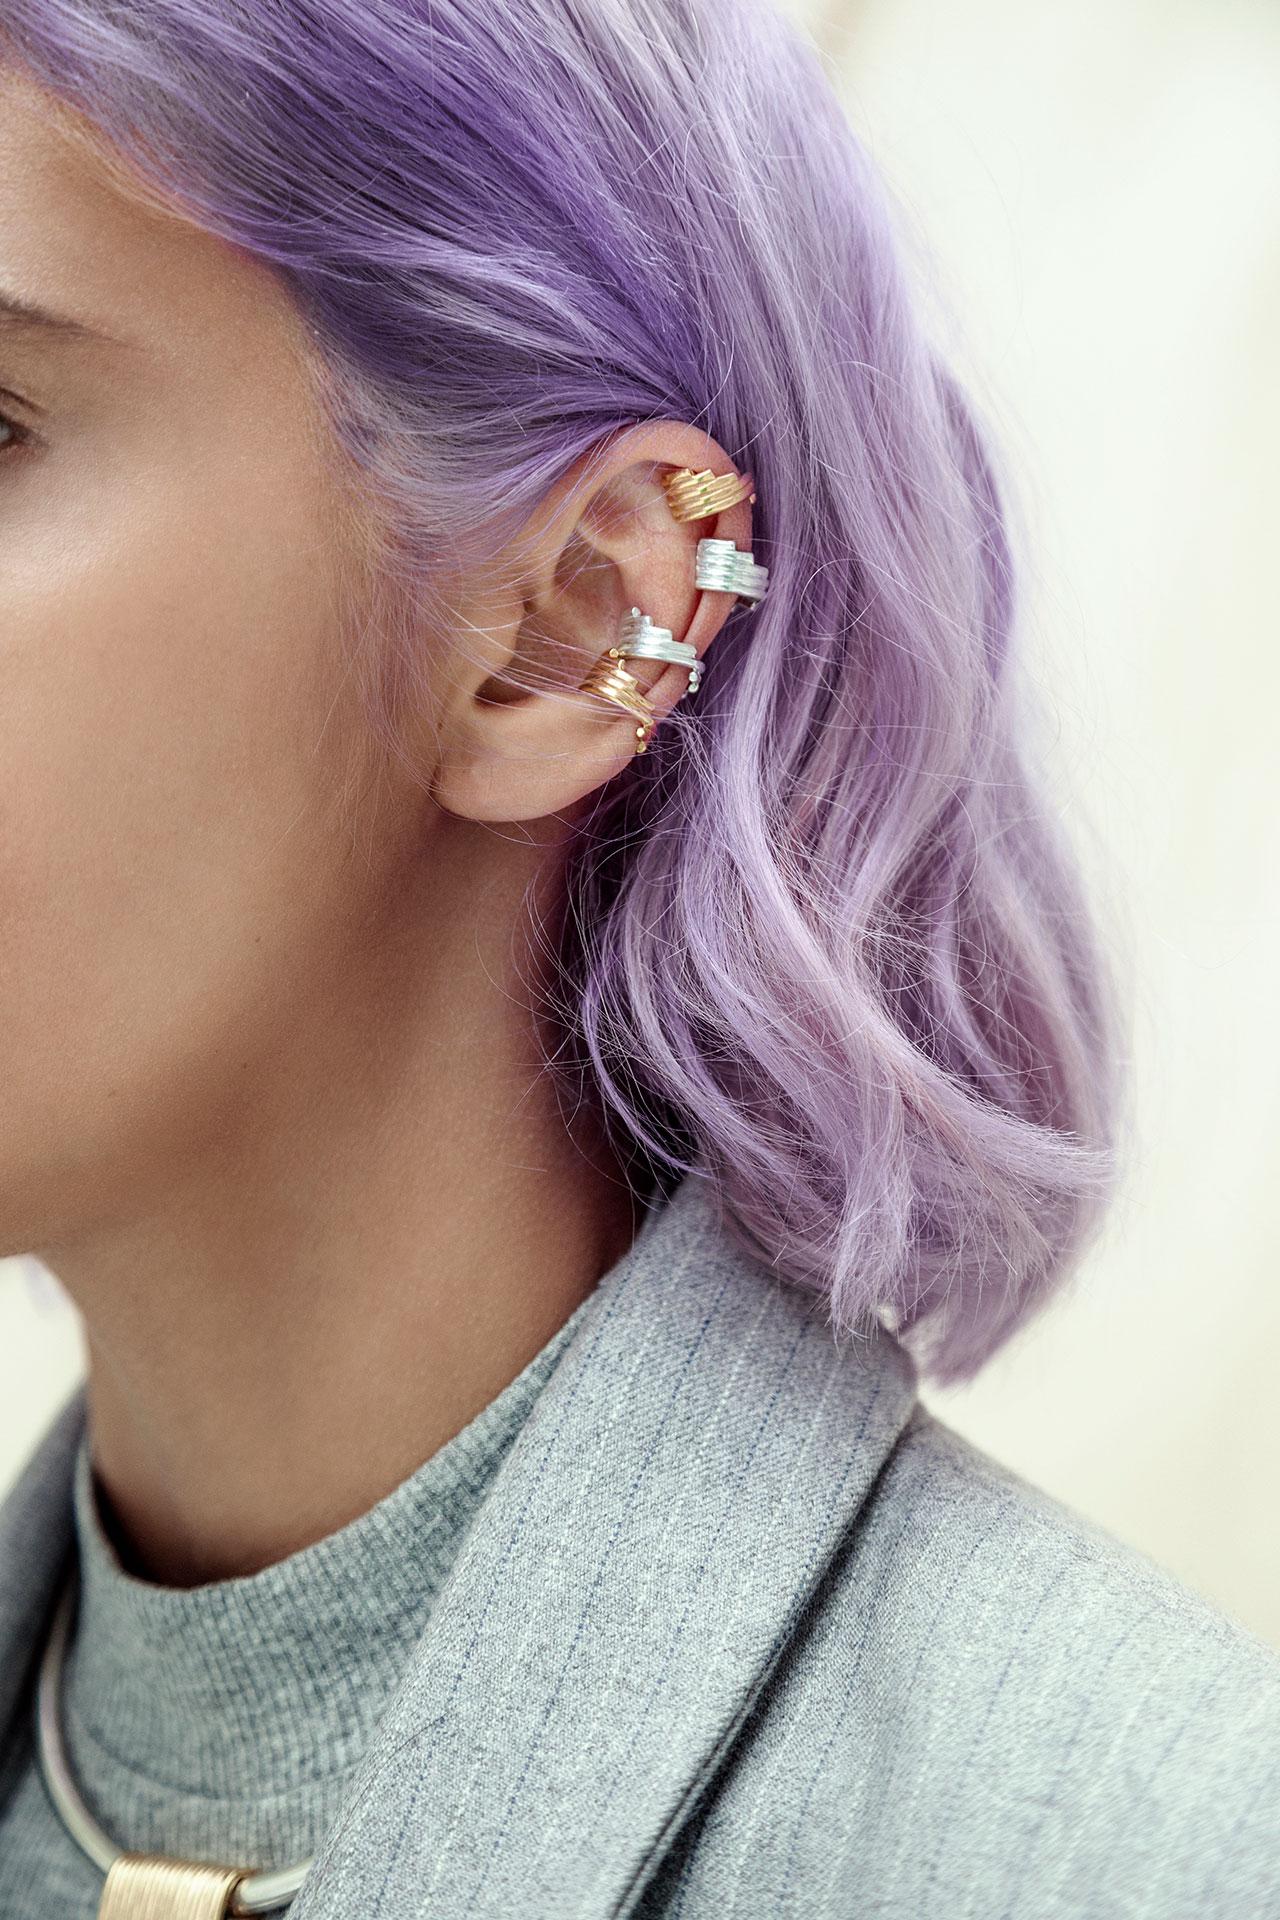 Modelo de pelo morado con cuatro orejeras en plata y plata con baño en oro de Joyeria Aysha Bilgrami. Imagen de Campaña de Colección No.8  de Aysha Bilgrami Joyeria por Daniella Benedetti